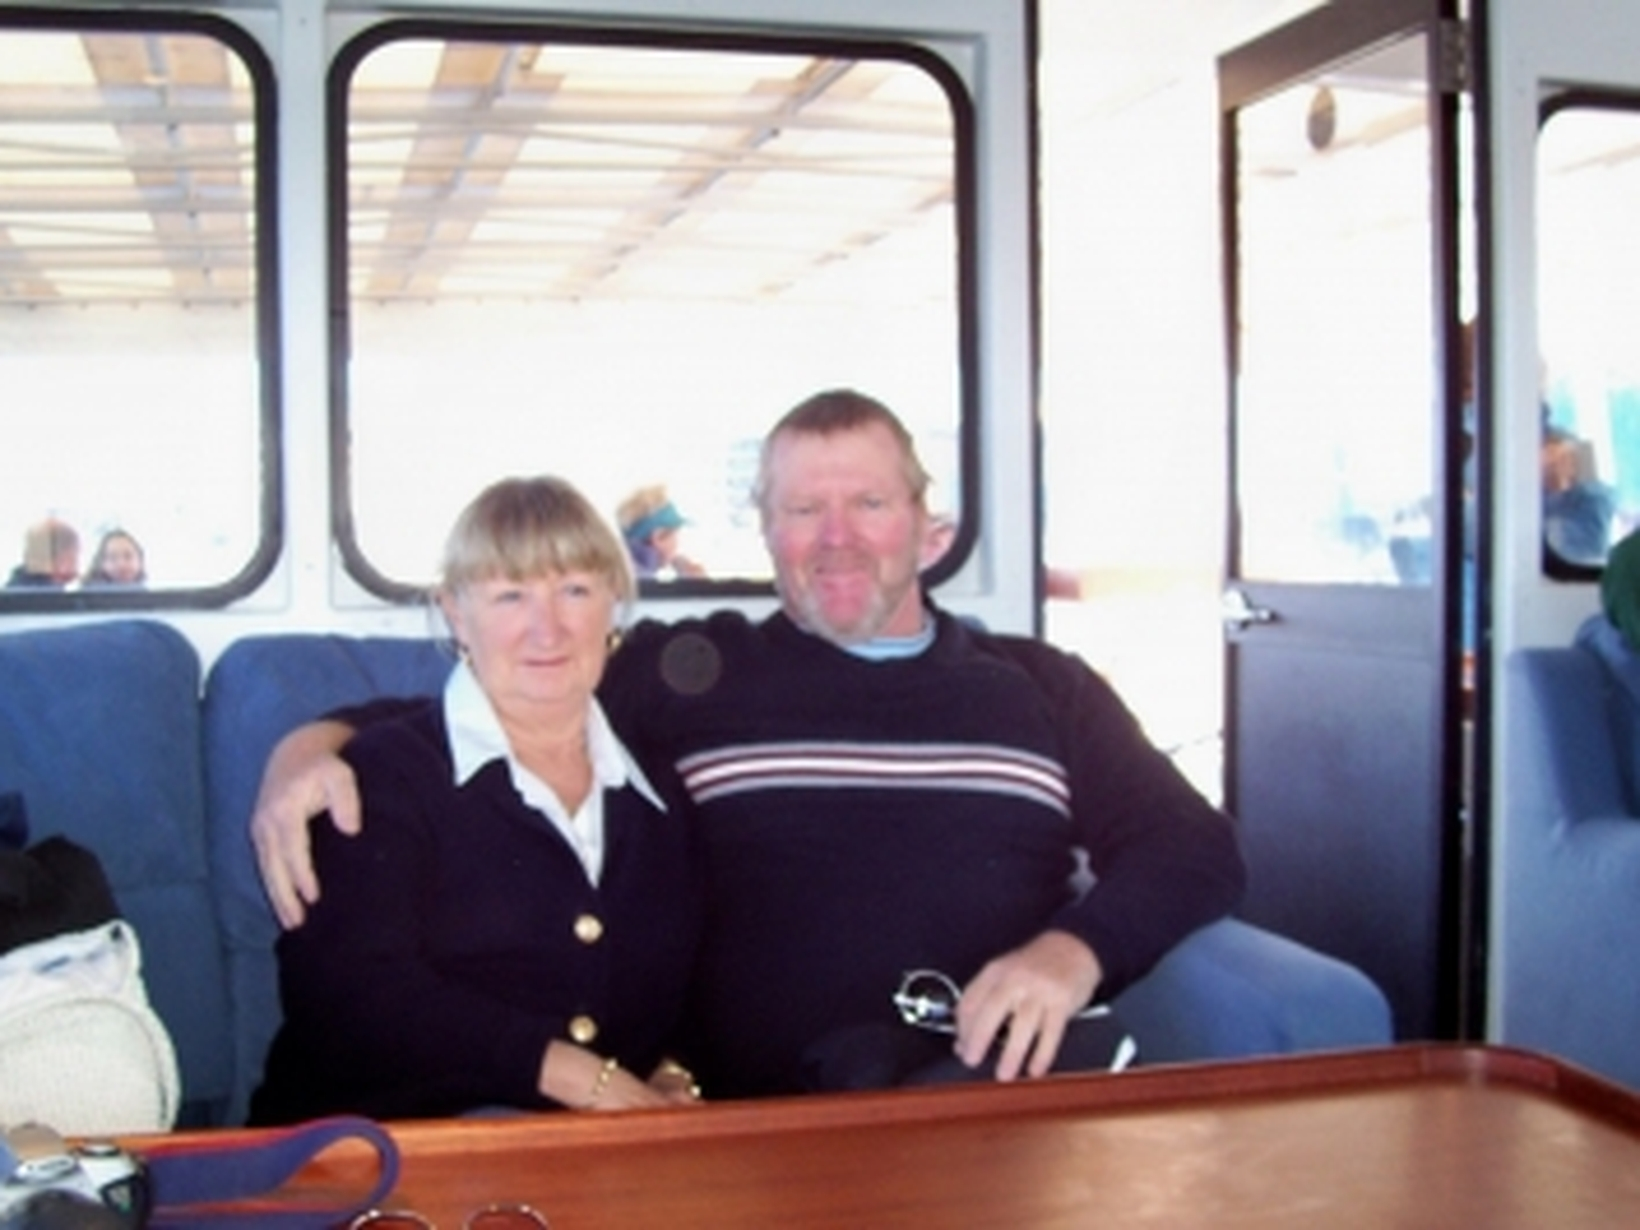 Ellie & Alan from Caloundra, Queensland, Australia